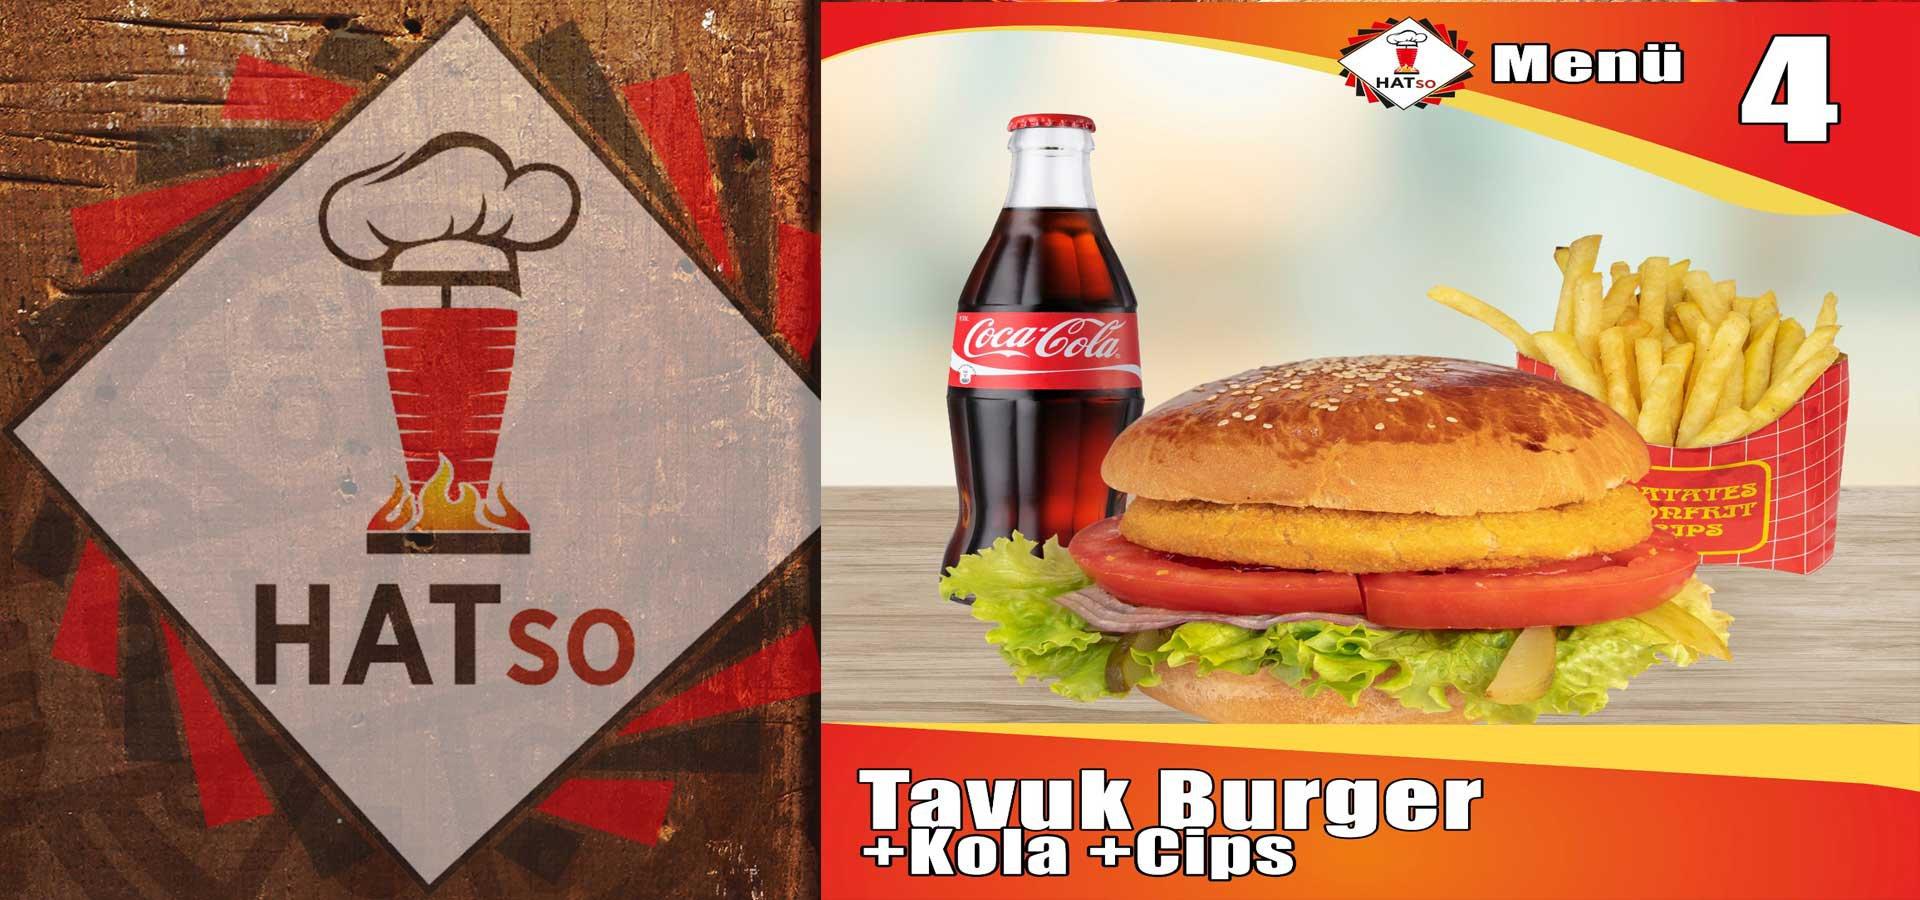 Tavuk Burger Menü